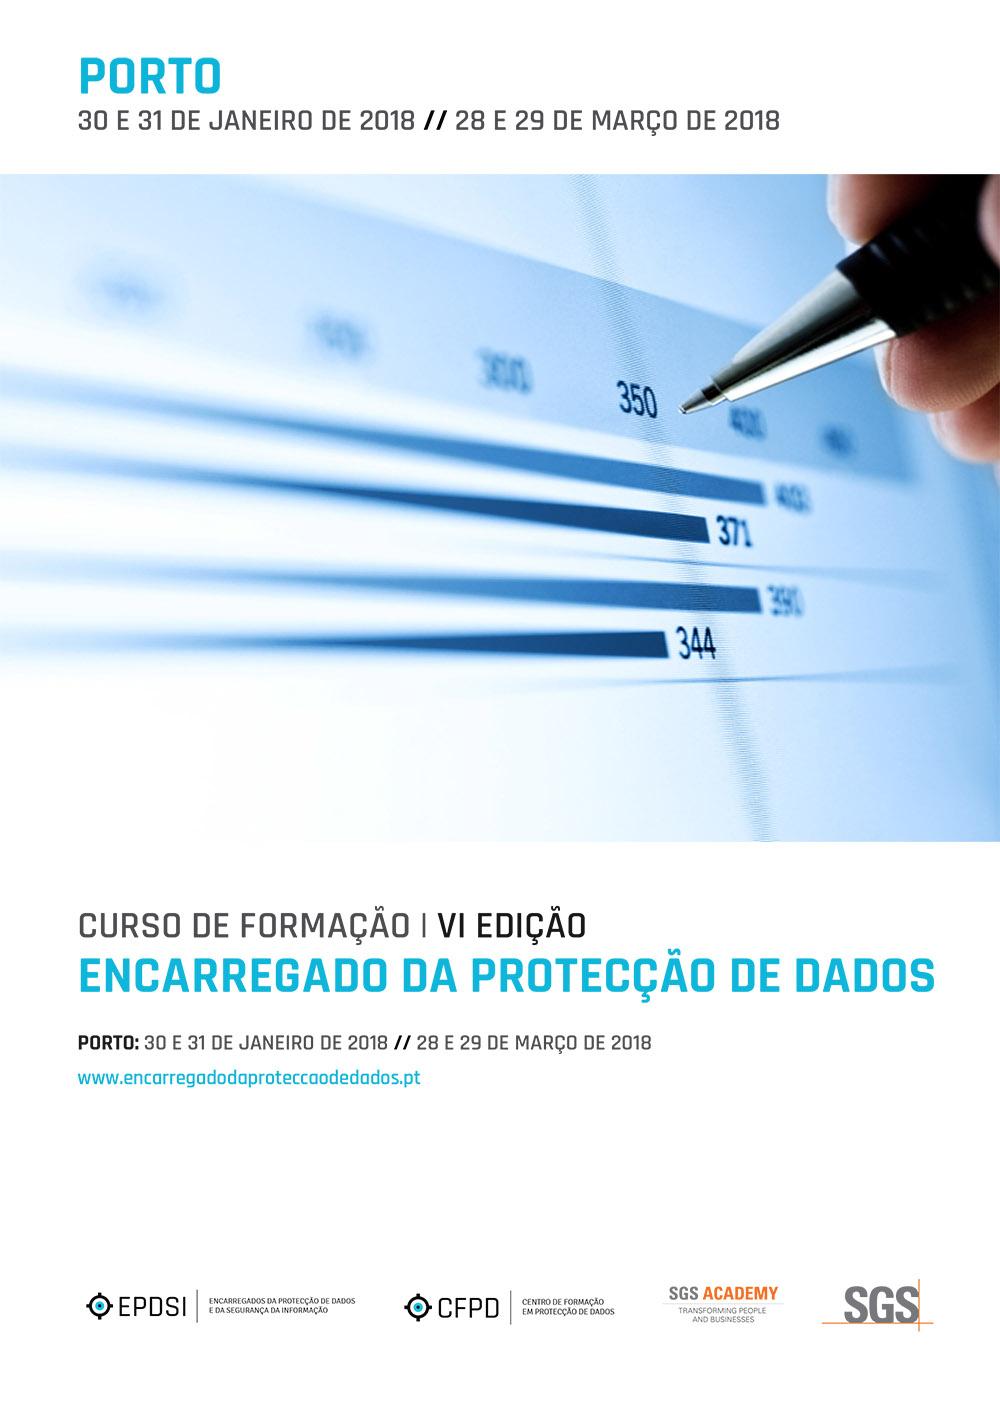 Curso de Formação - Encarregado da Protecção de Dados - VI Edição - Porto - Agenda Geral